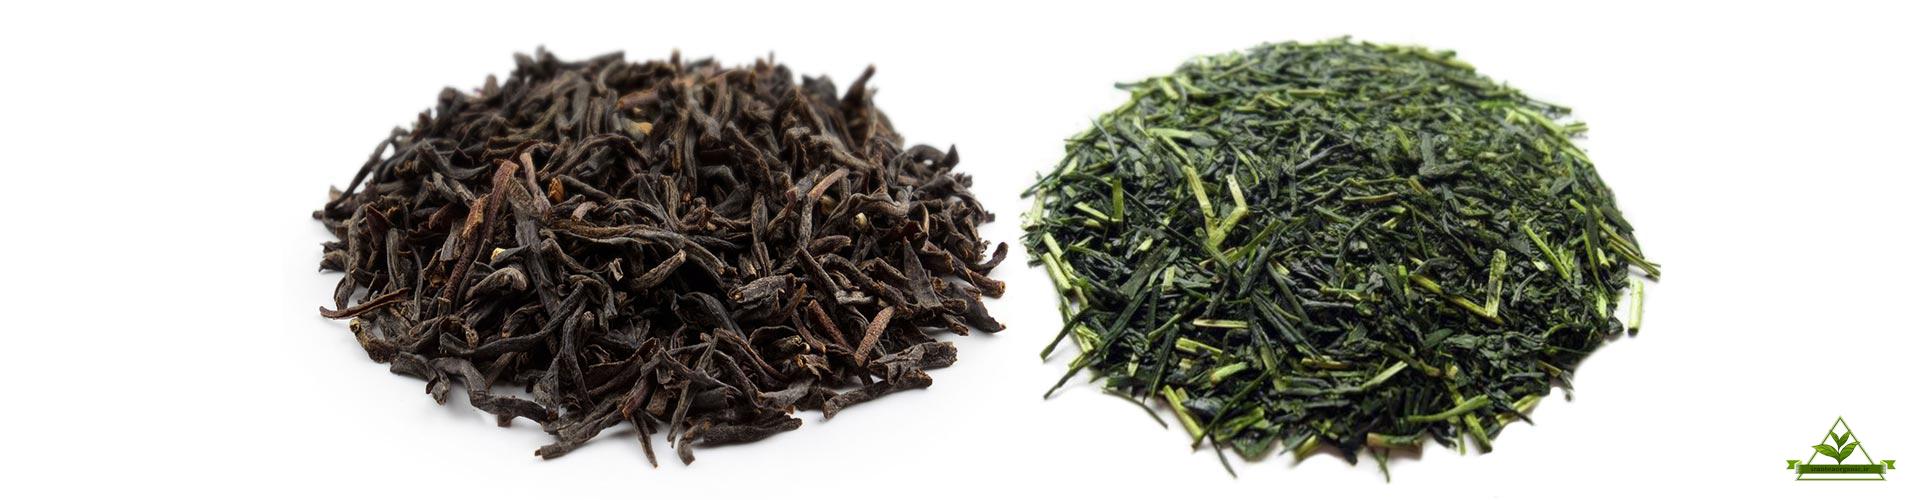 پخش چای ایرانی عمده